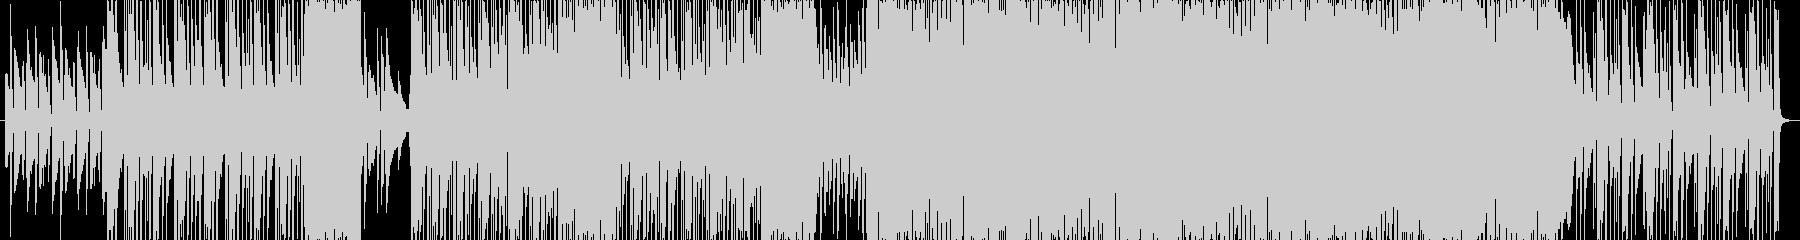 オーケストラと8bitが可愛い曲の未再生の波形